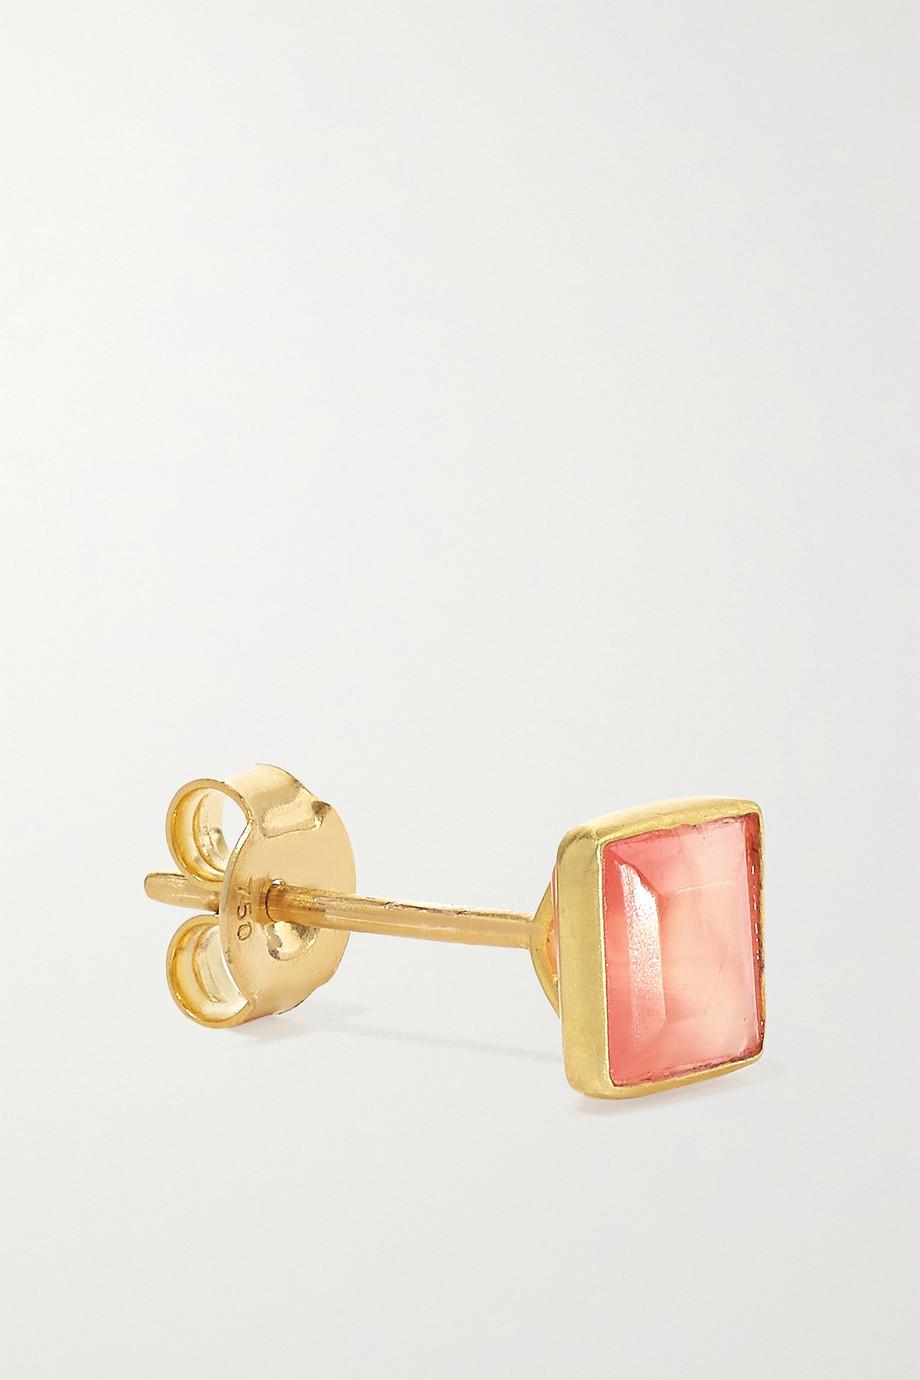 Pippa Small 18-karat gold rhodochrosite earrings